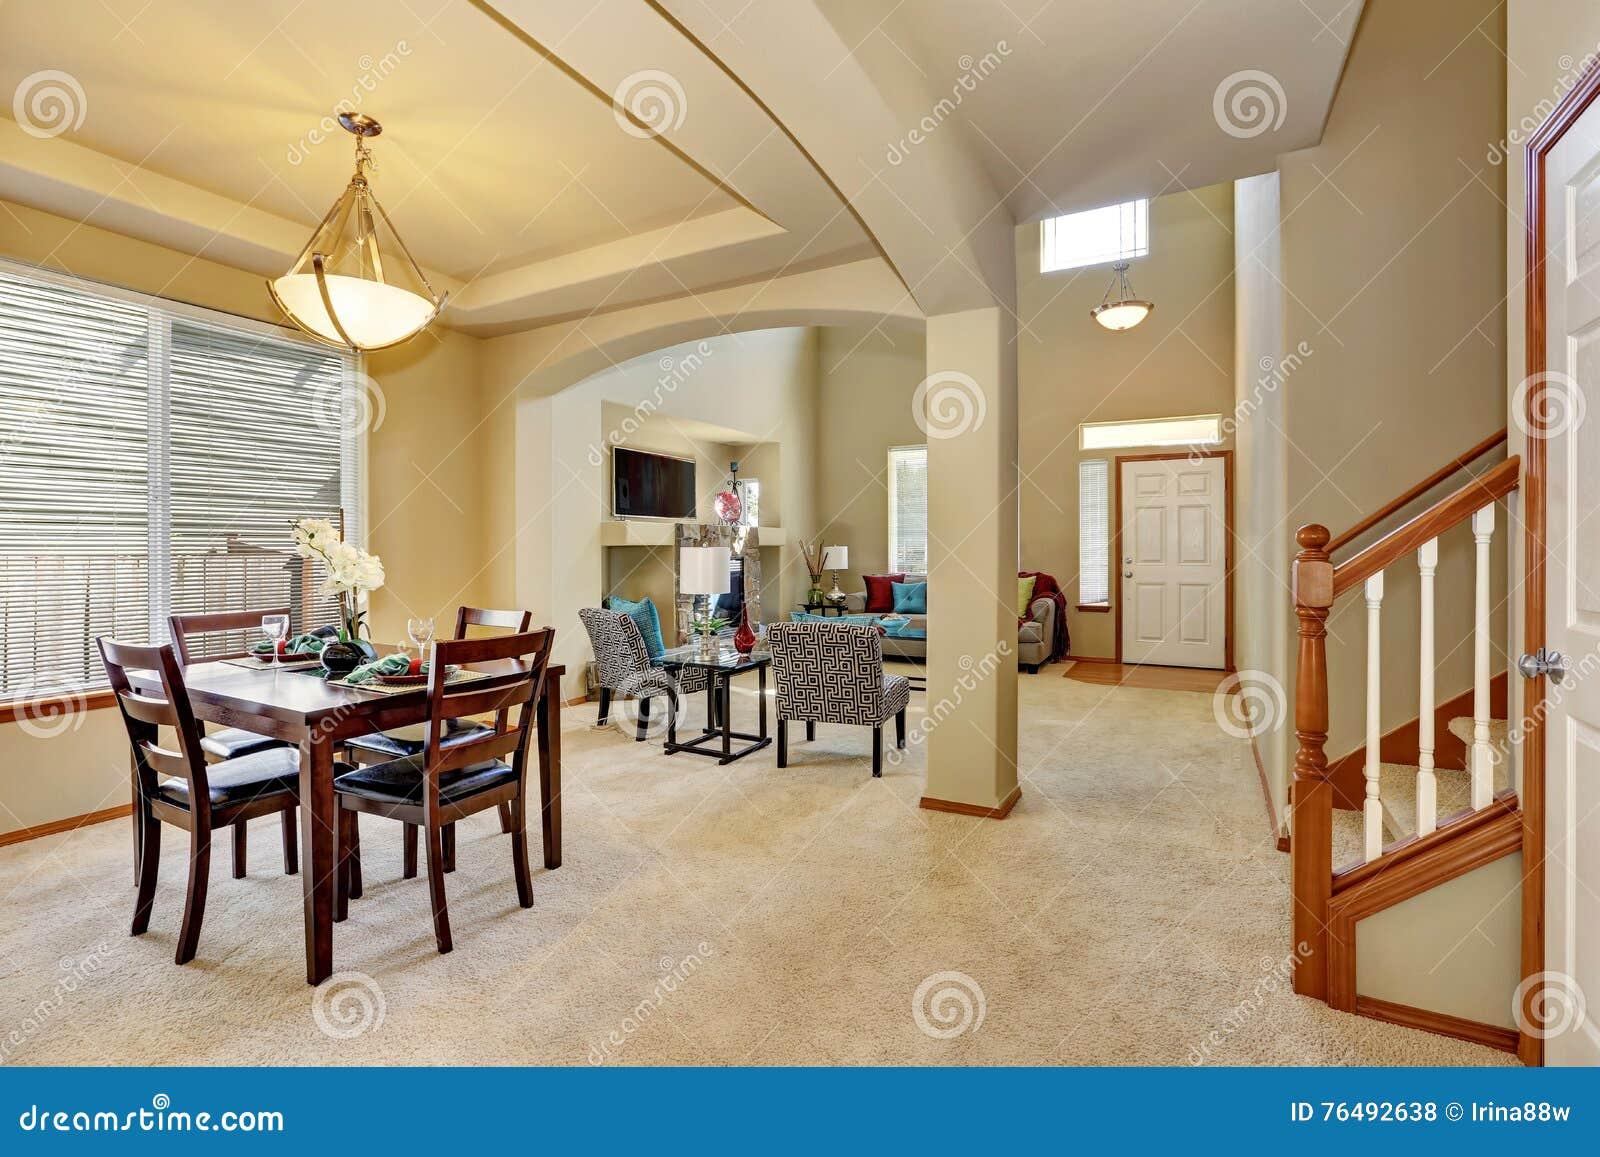 Plan de suelo abierto comedor y sala de estar con la for Plan de la sala de 40m2